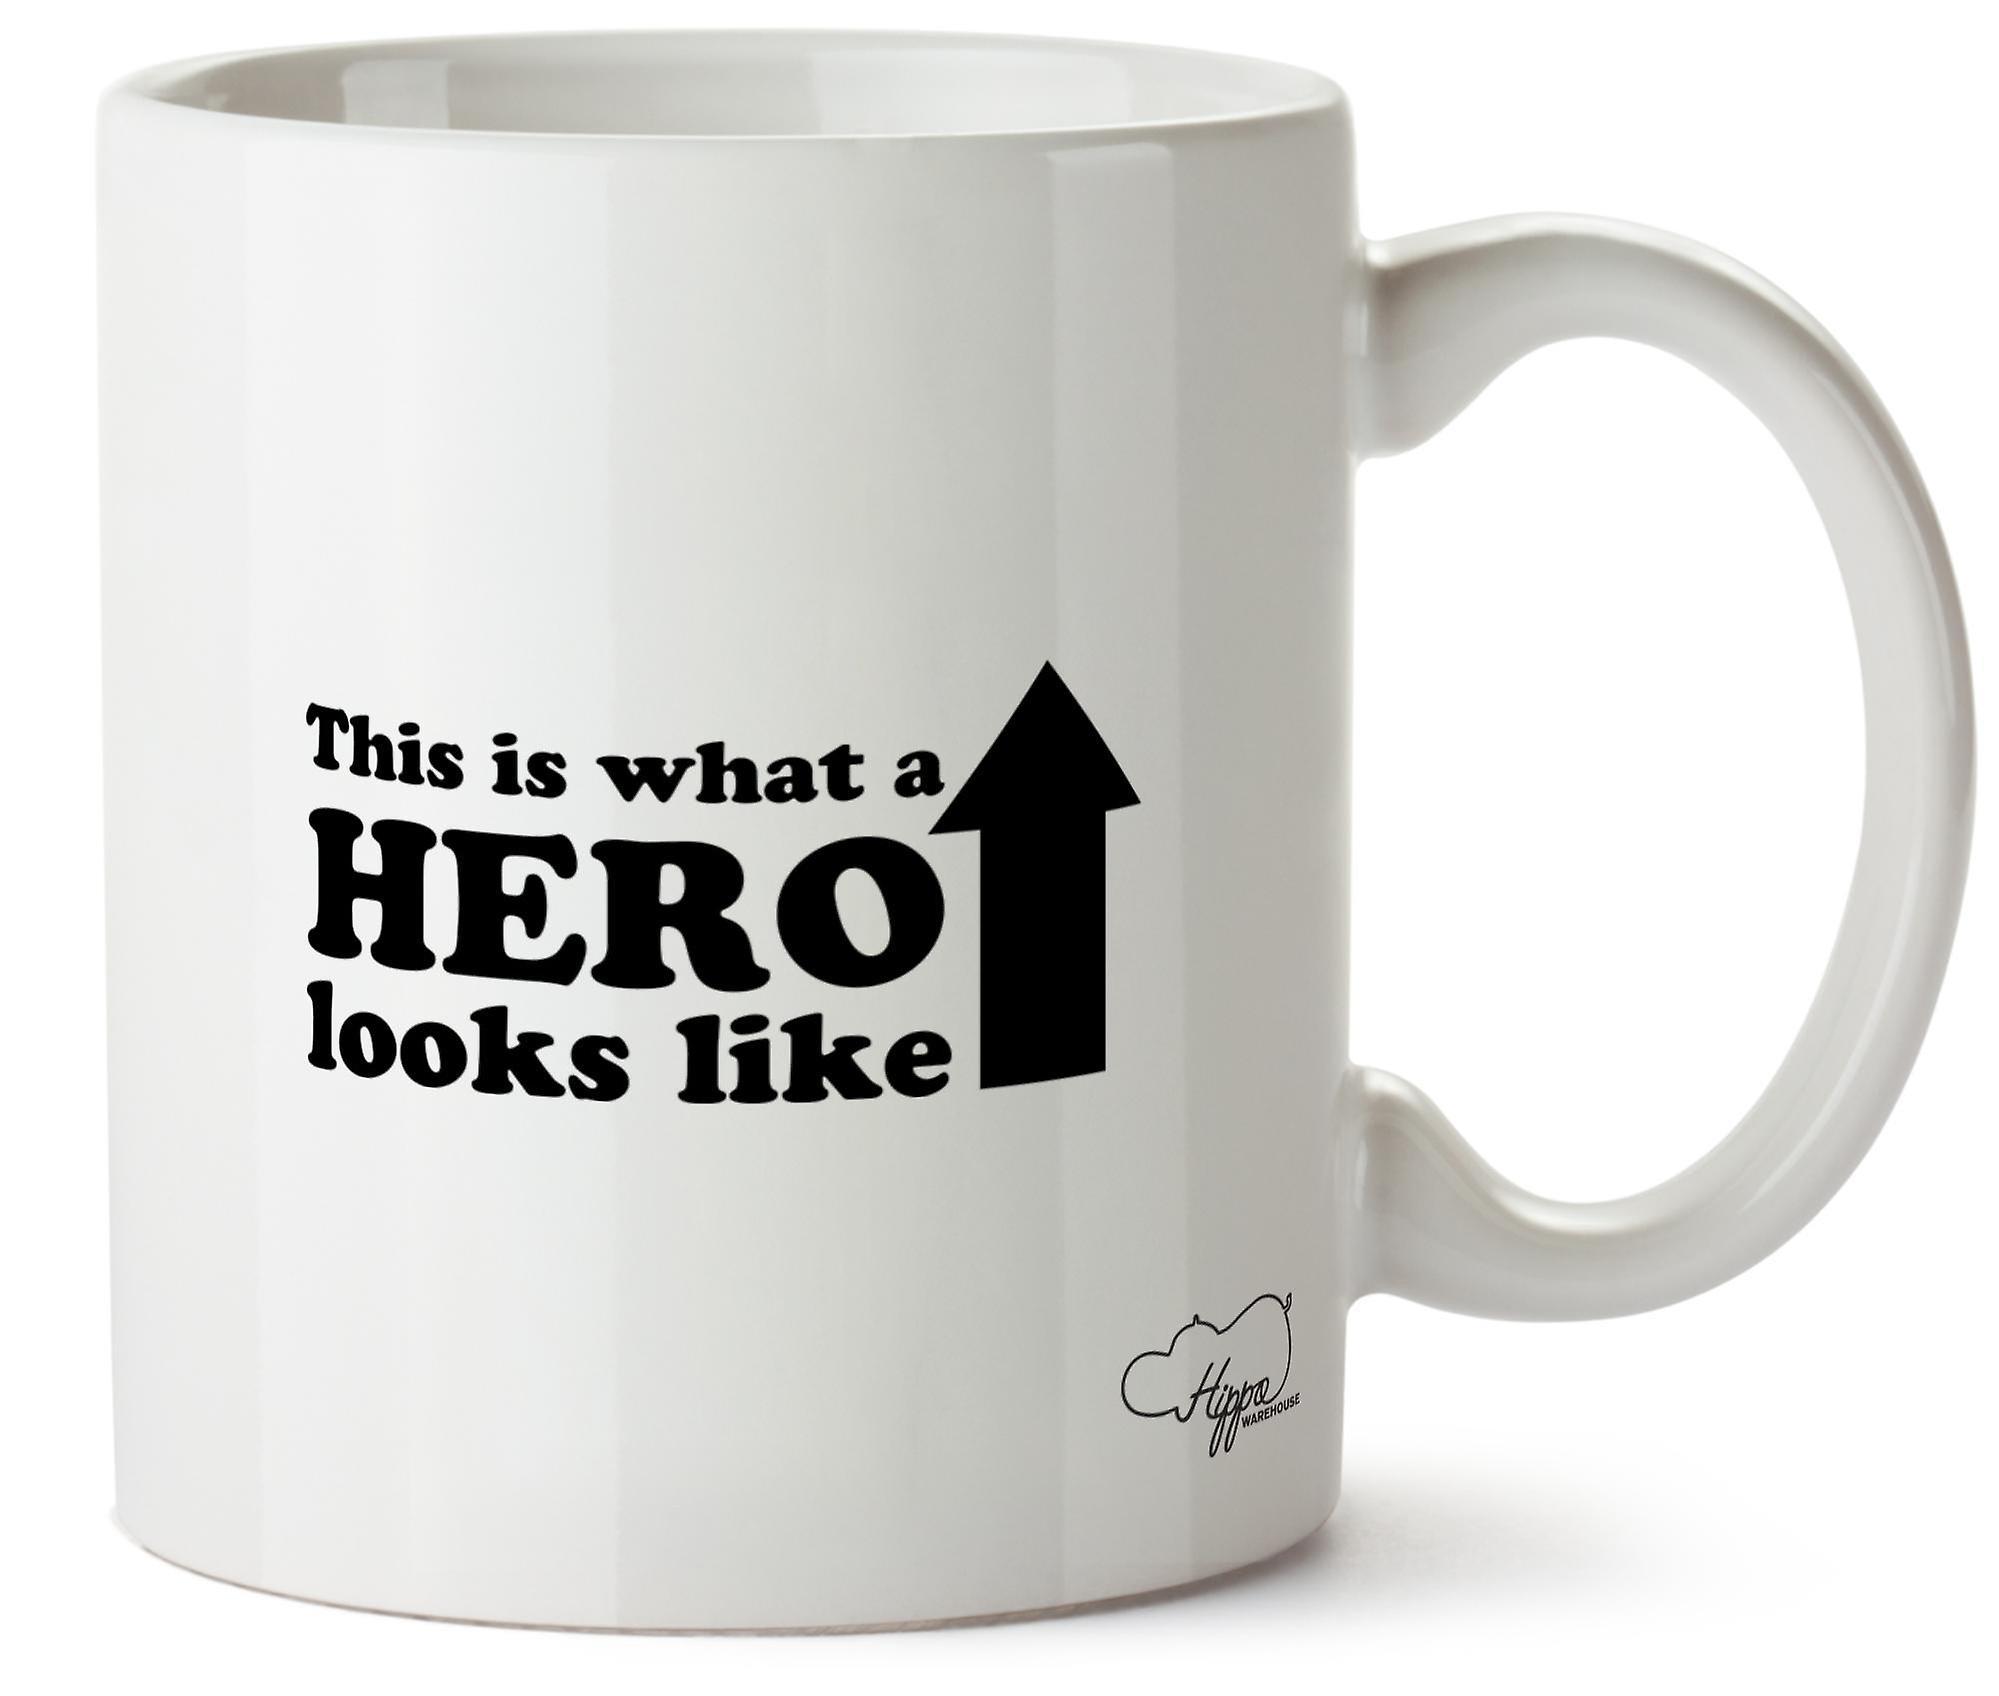 Héros Ressemble S'agit De Tasse Céramique Il A Mug À Imprimé Hippowarehouse 10oz What 2YDWH9eEIb